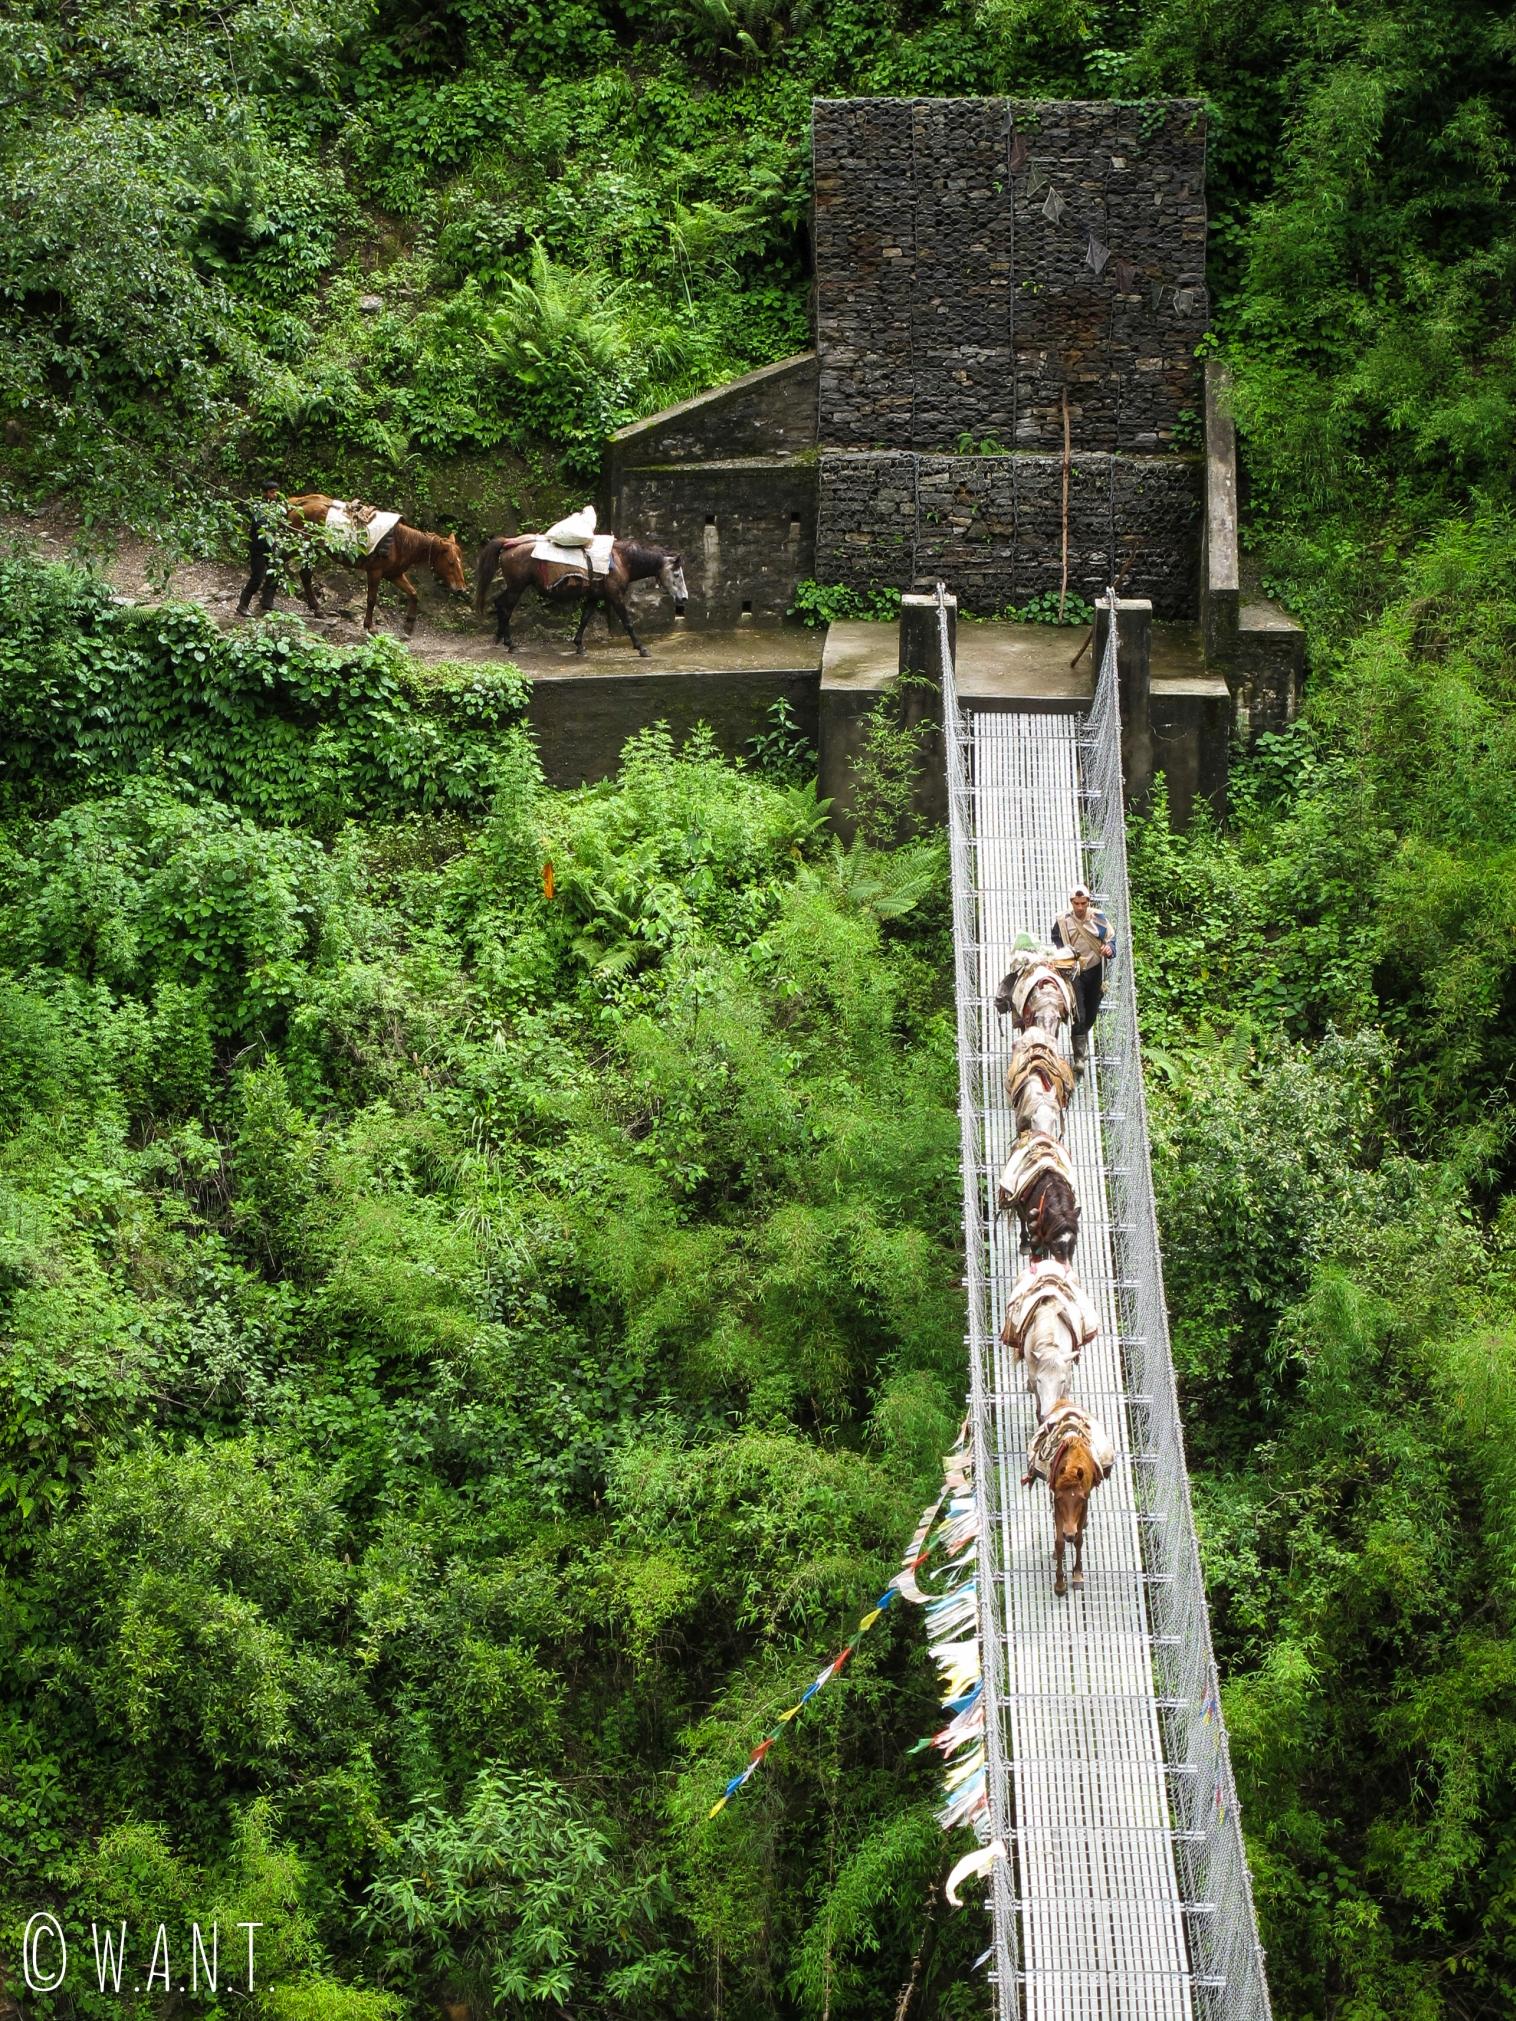 Une caravane d'ânes traverse un pont suspendu